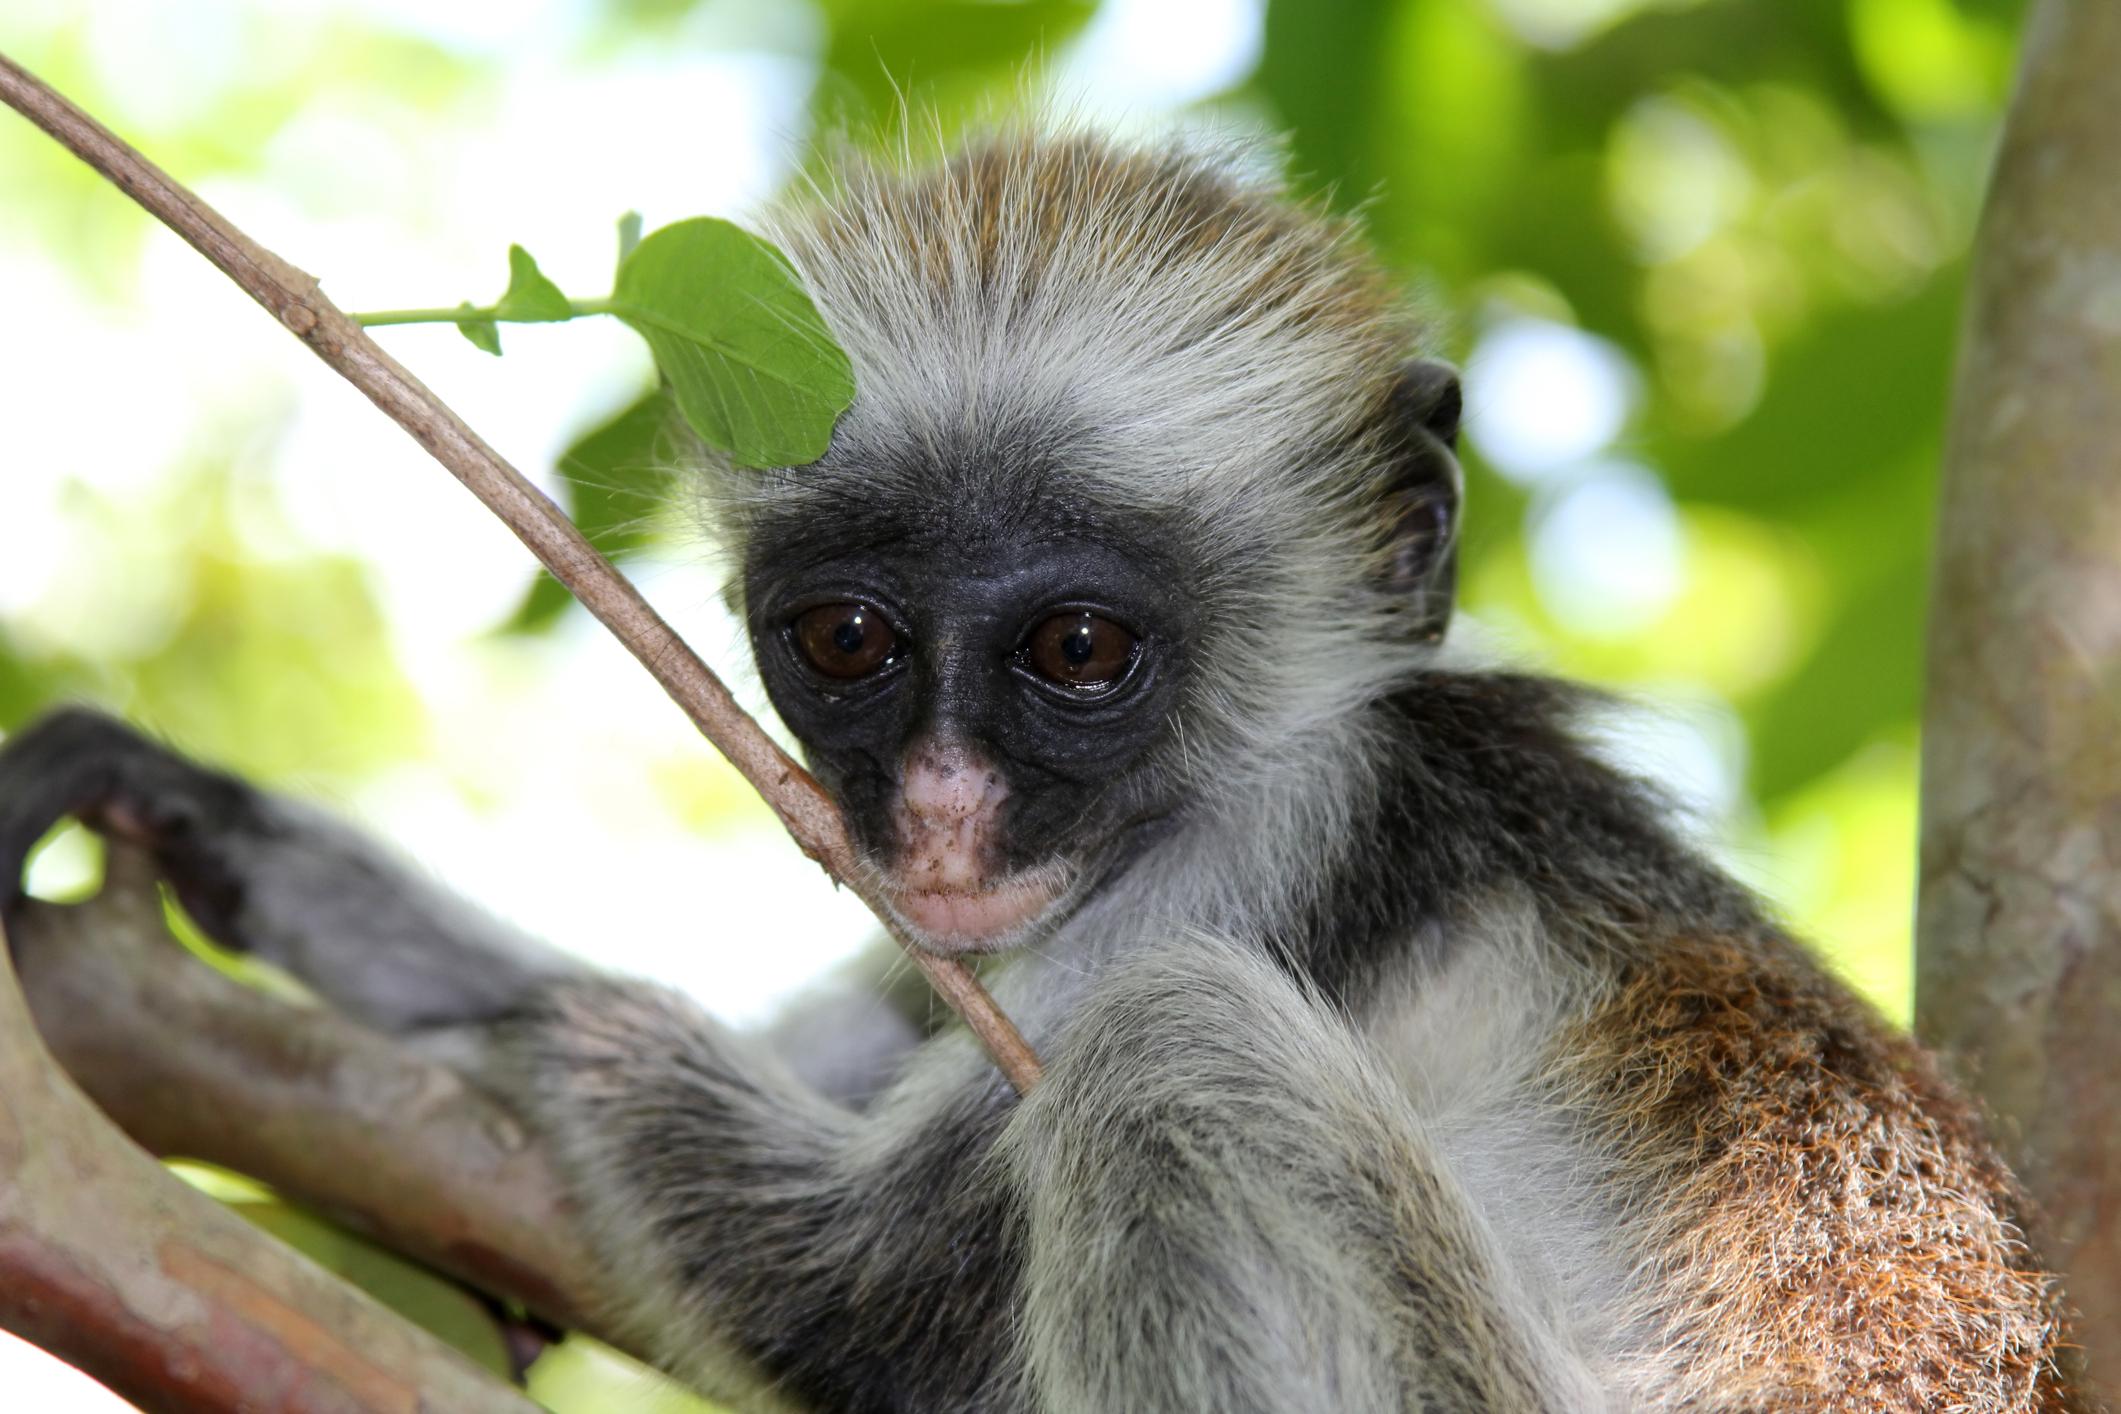 В класацията е включена червеноопашата маймуна(18,2 процента), следвана от червеноликия лемур (16,7 процента). Някои от близките им сродници също имат високи показатели за агресивност.